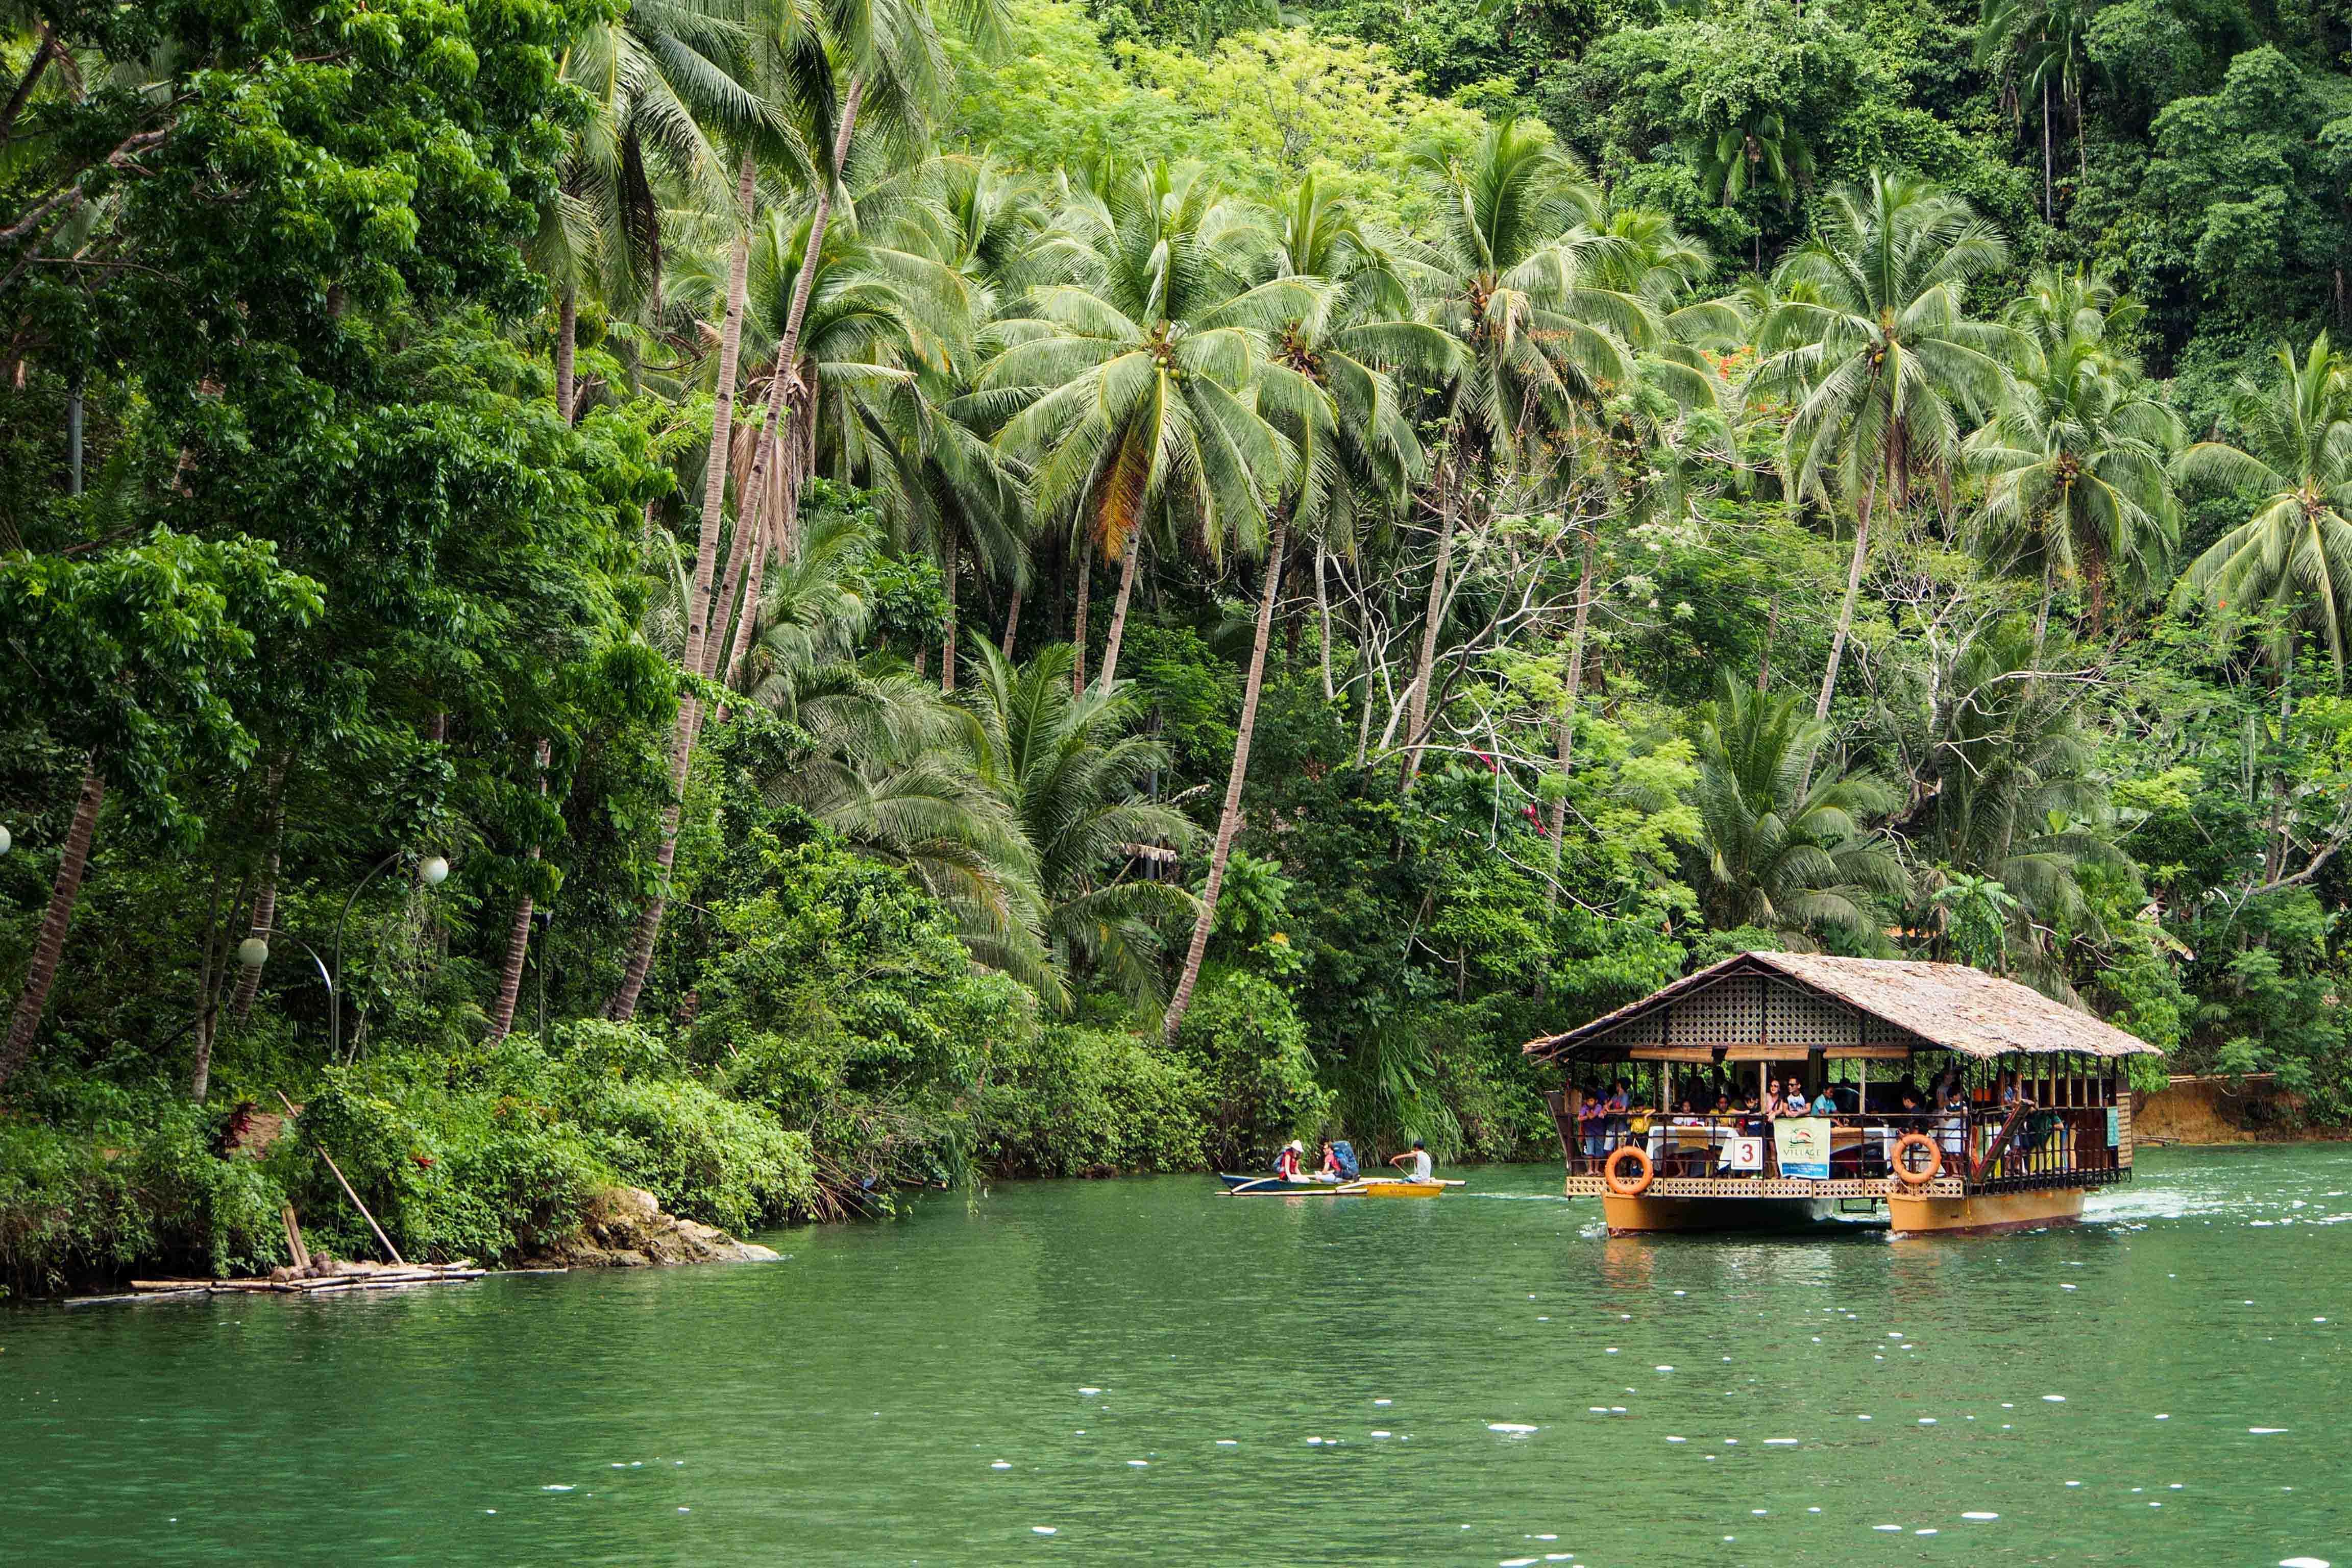 Bohol Cruise